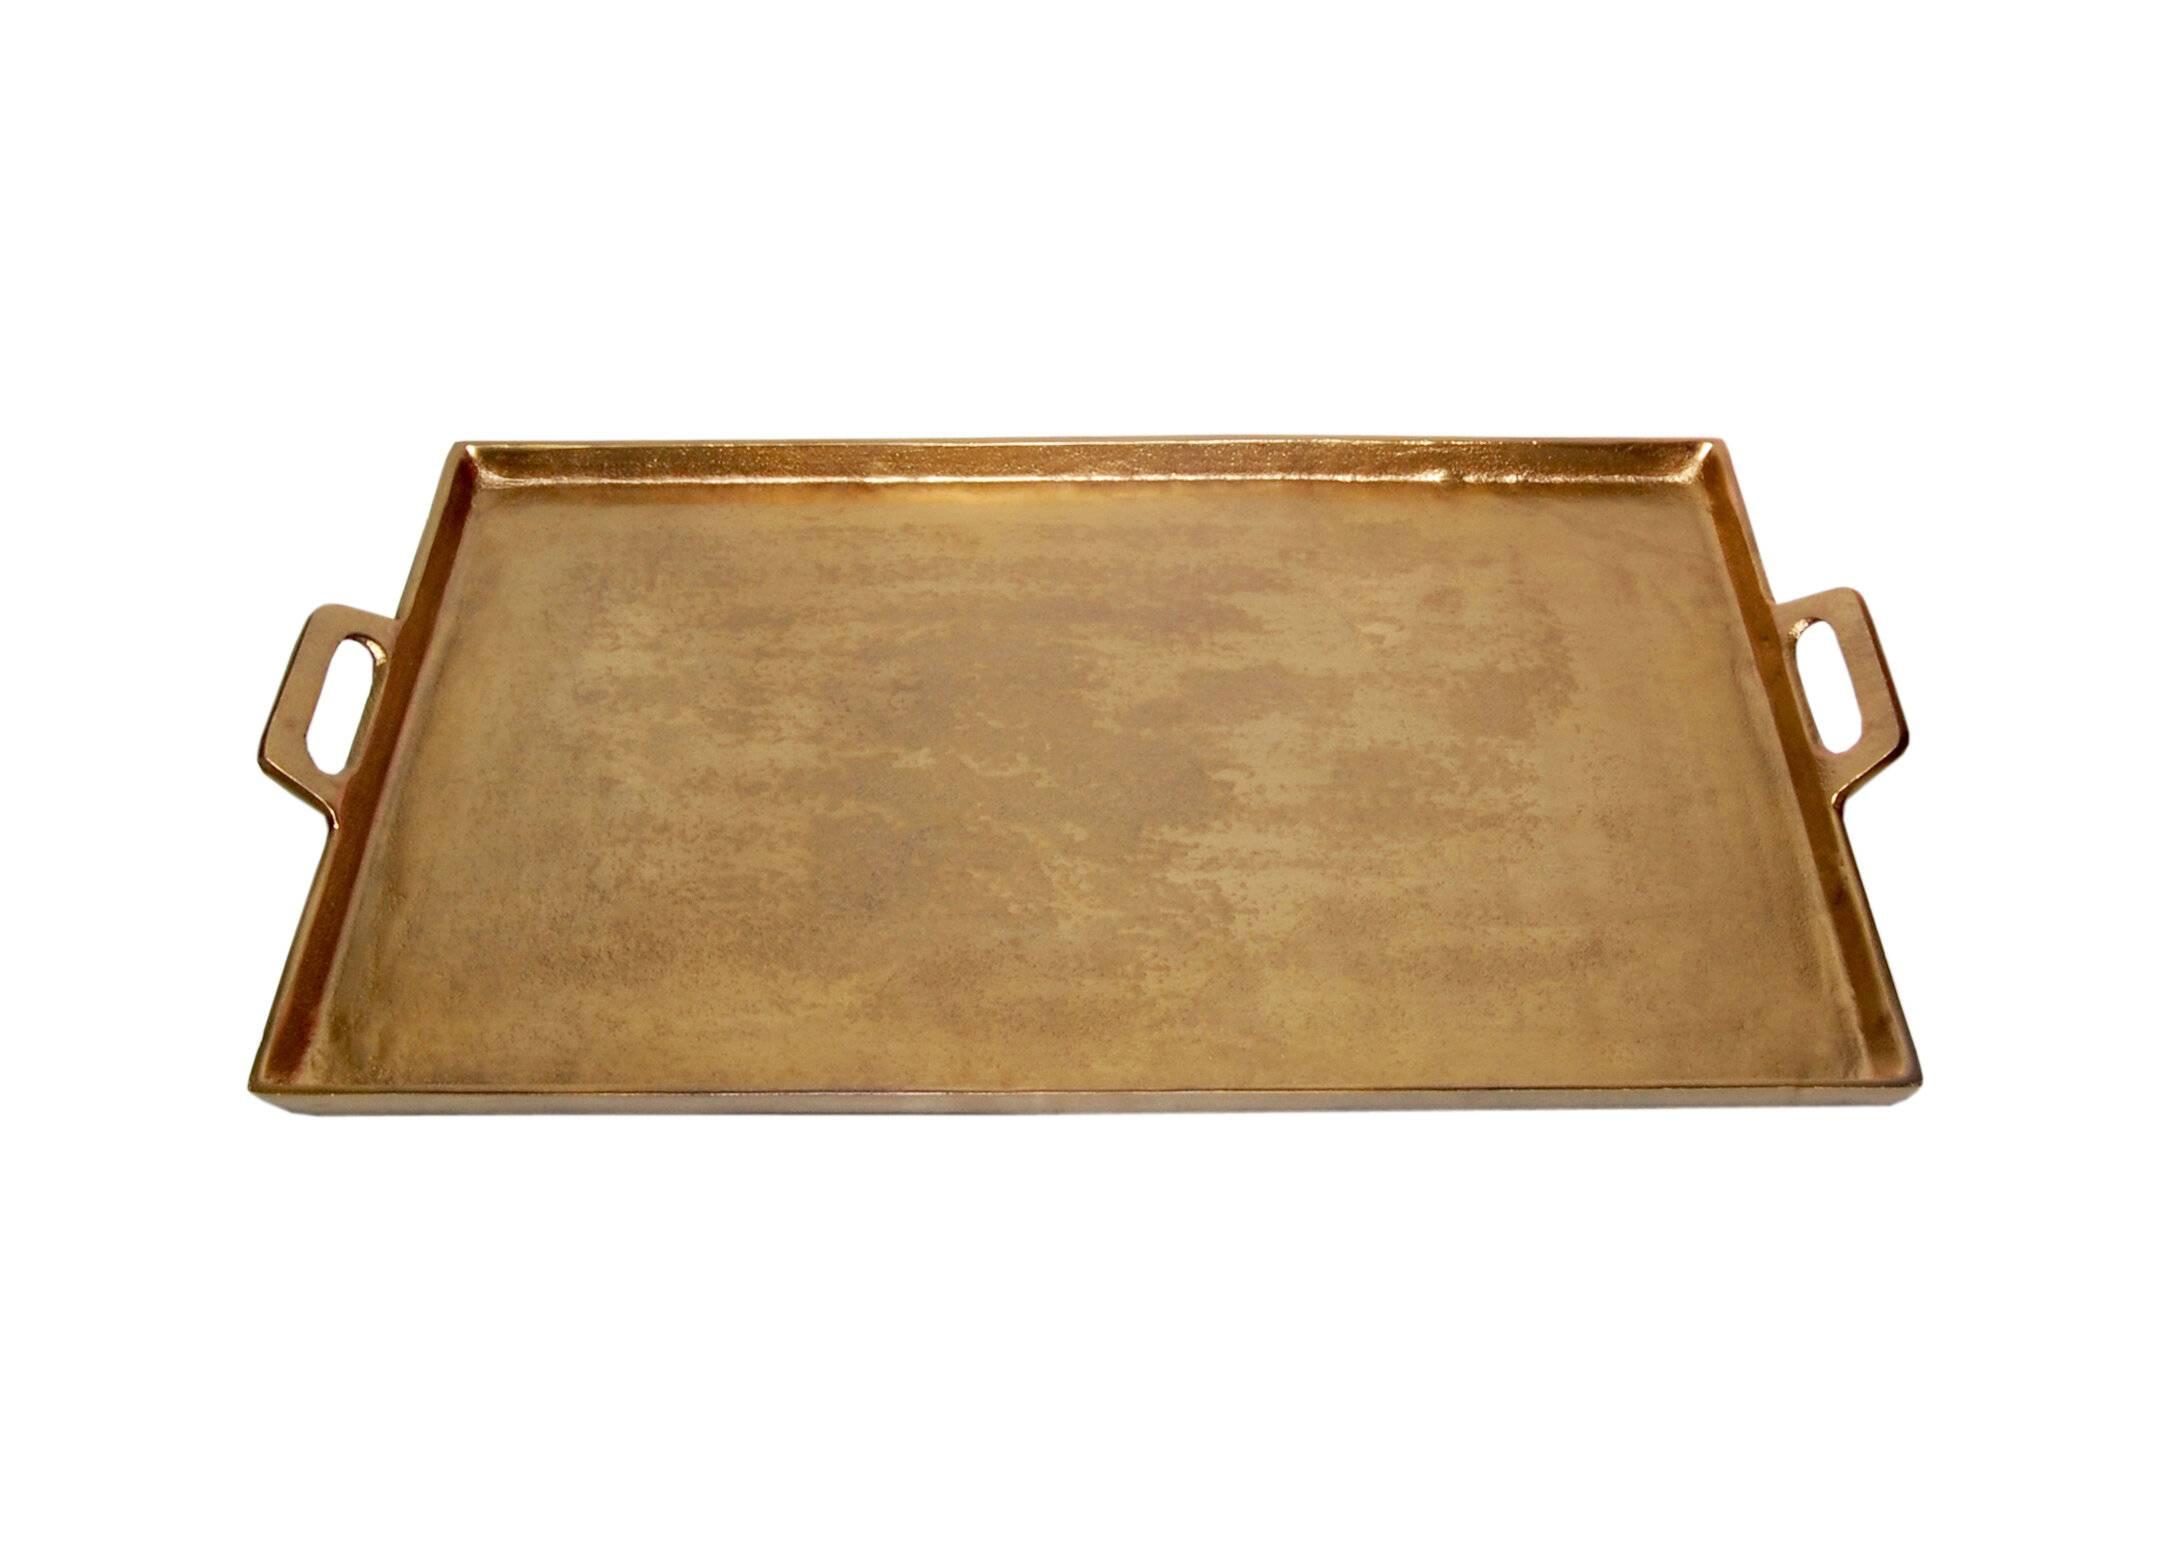 nolia aluminum serving tray